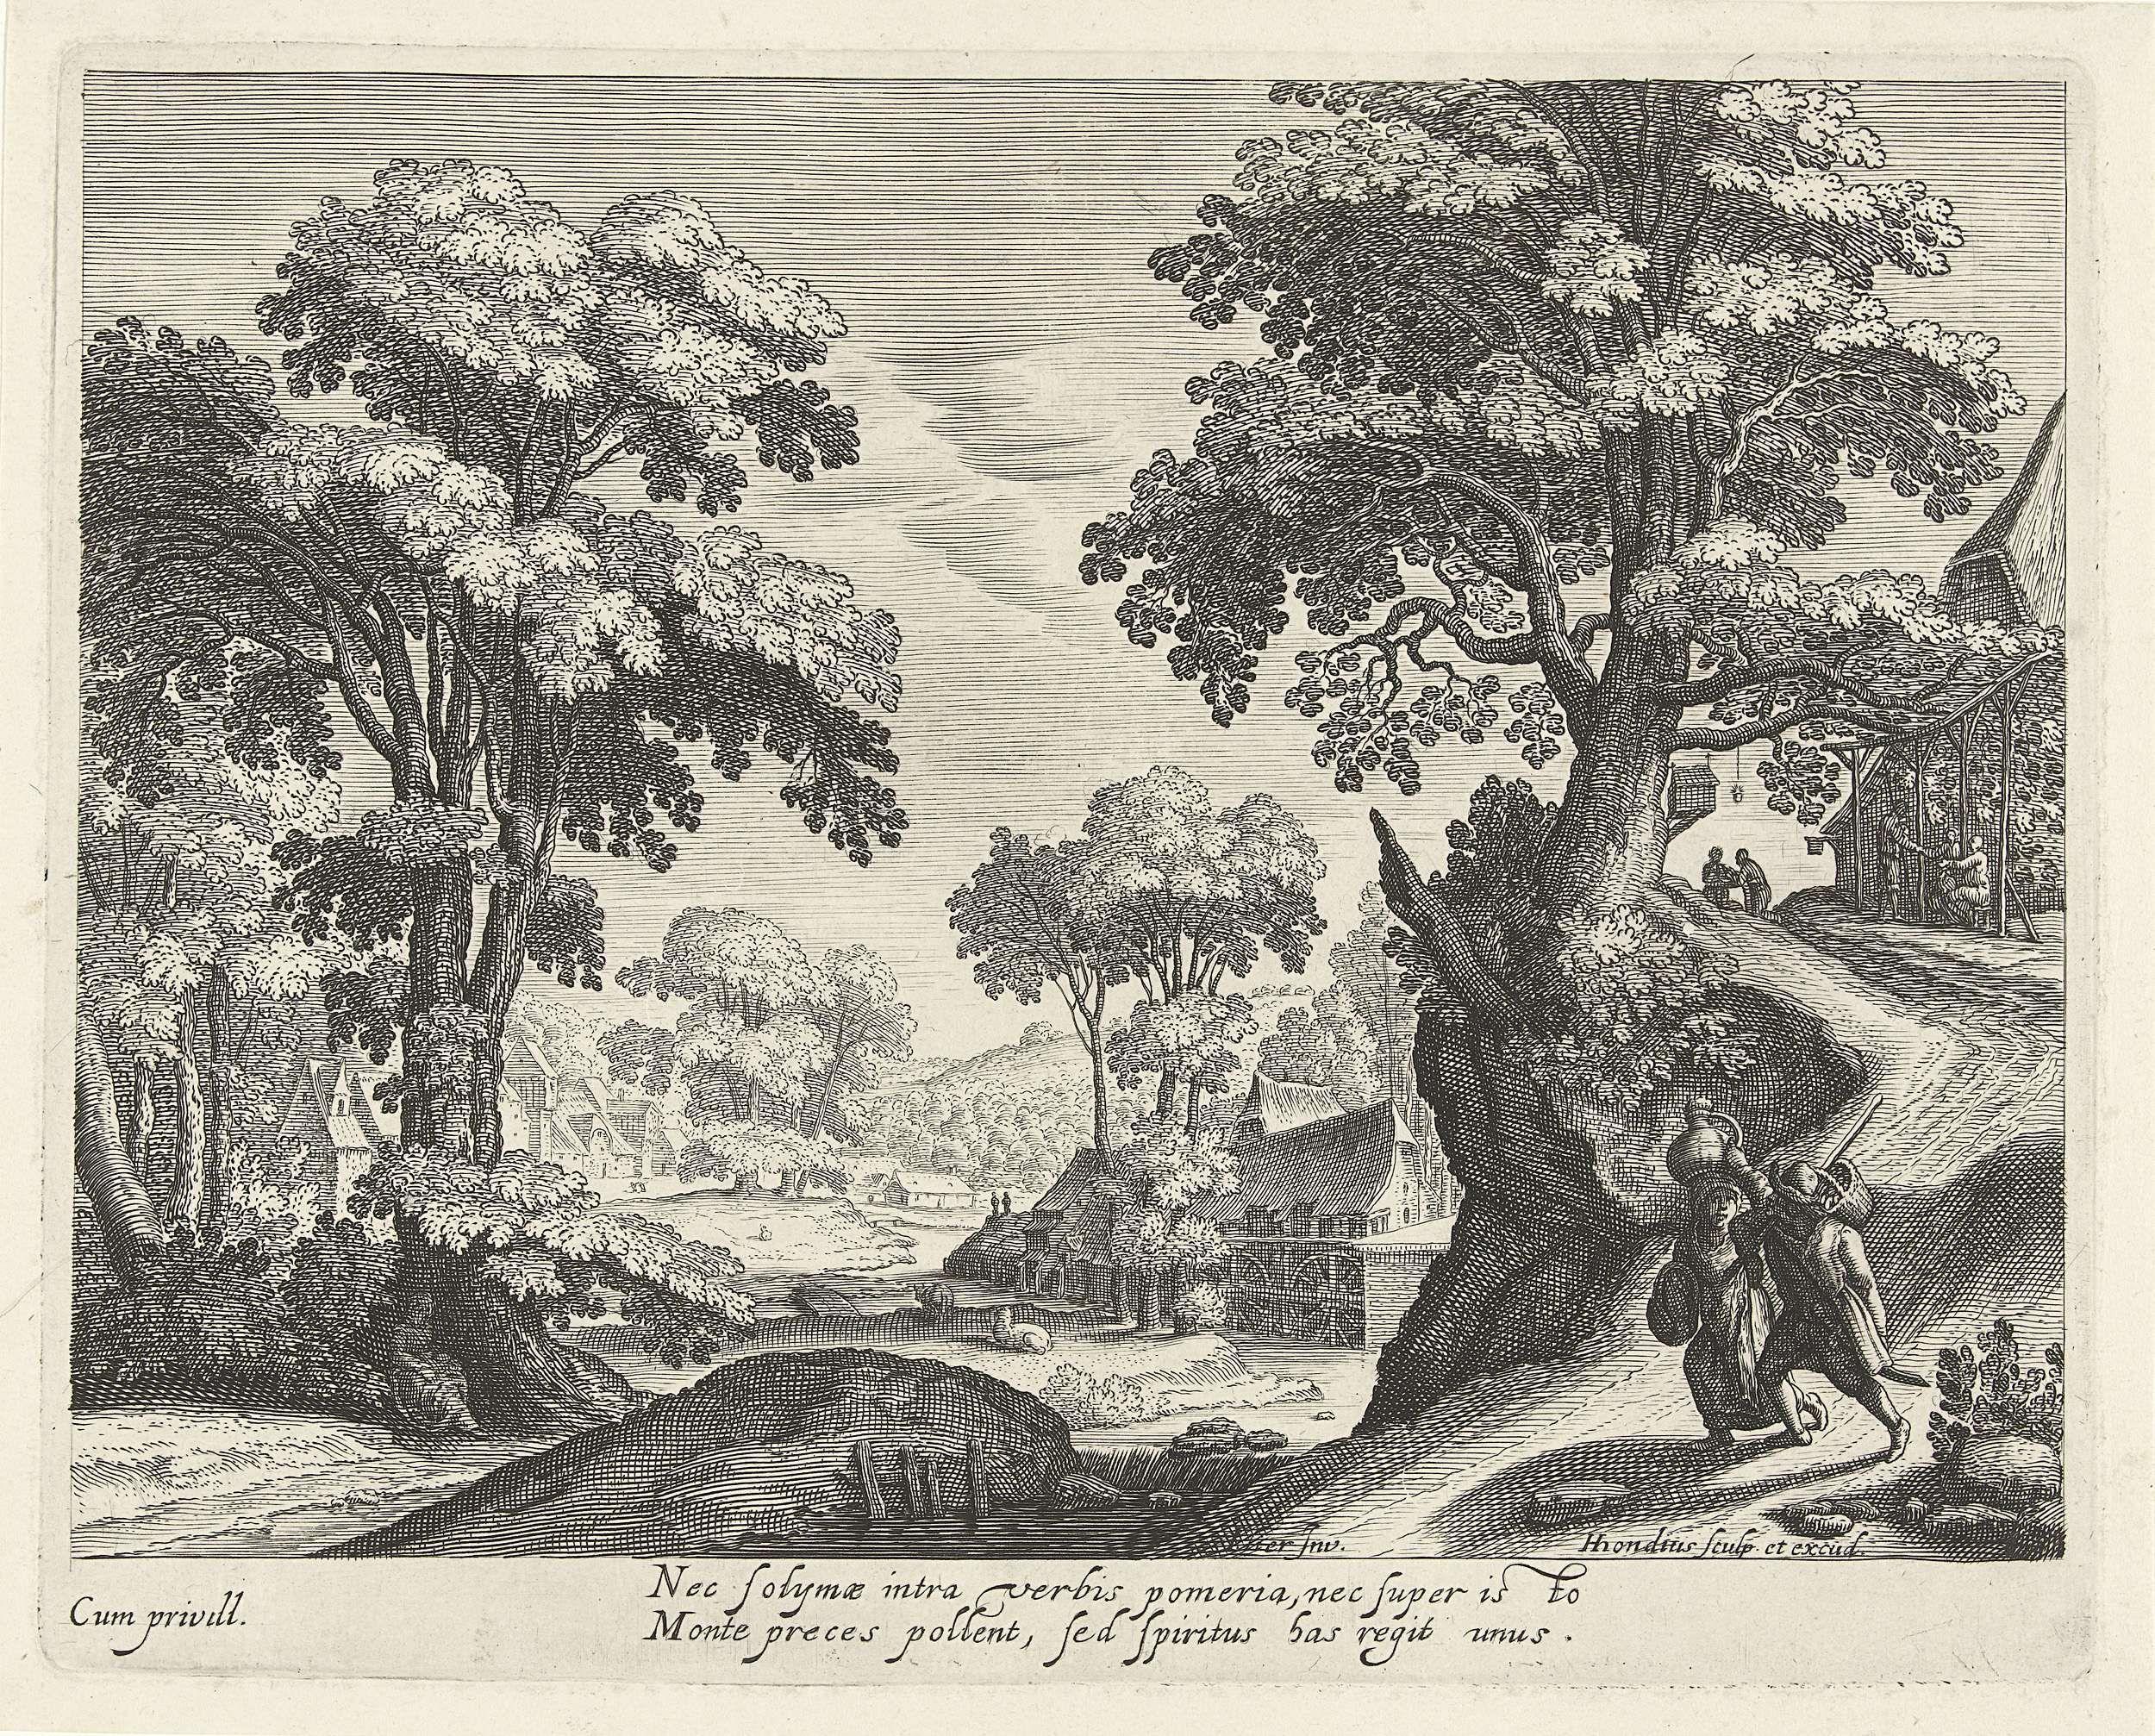 Hendrick Hondius (I) | Landschap met een boerenpaar op een landweg, Hendrick Hondius (I), 1599 - 1649 | Boomrijk landschap met op de voorgrond een boerenpaar op een landweg en op de achtergrond een paar huizen, waaronder een boerderij met een watermolen. Op de kronkelende landweg rechts nog enkele figuren en een vogelhuis aan een boom. De vrouw van het paar draagt een kruik op het hoofd, de man heeft een mand aan een stok over zijn schouder. Onder de voorstelling twee regels in het Latijn.